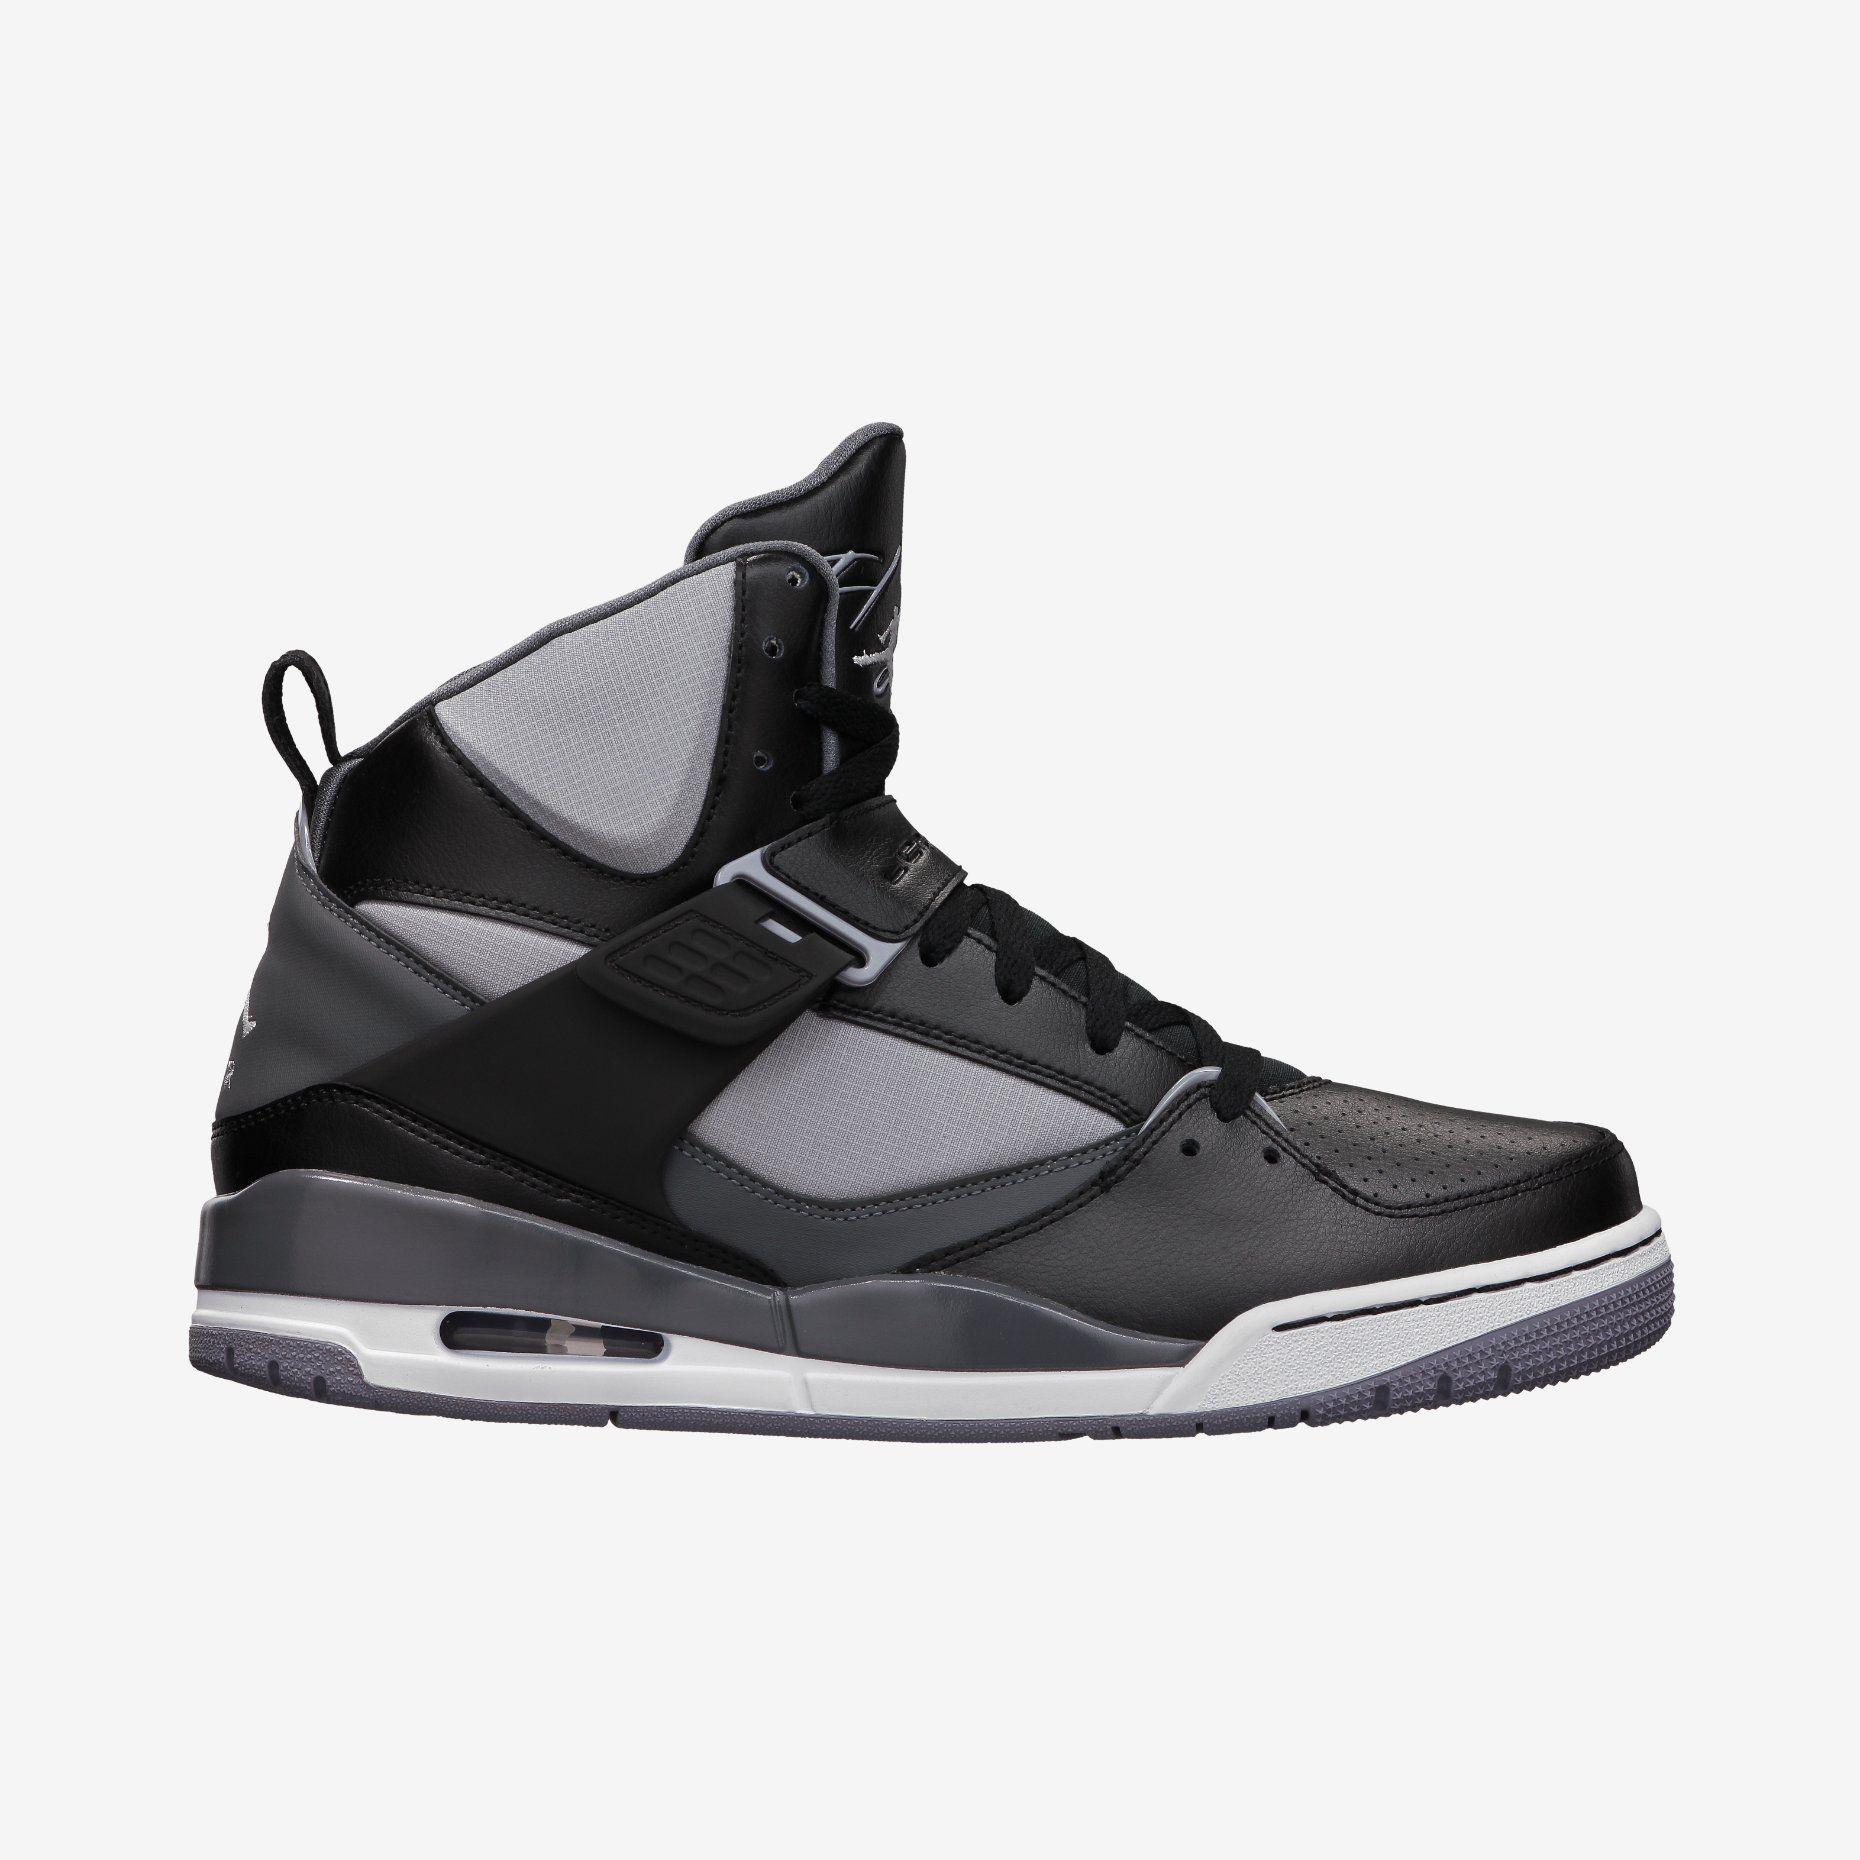 Chaussures - High-tops Et Baskets Jordan u4H4BvP9RW